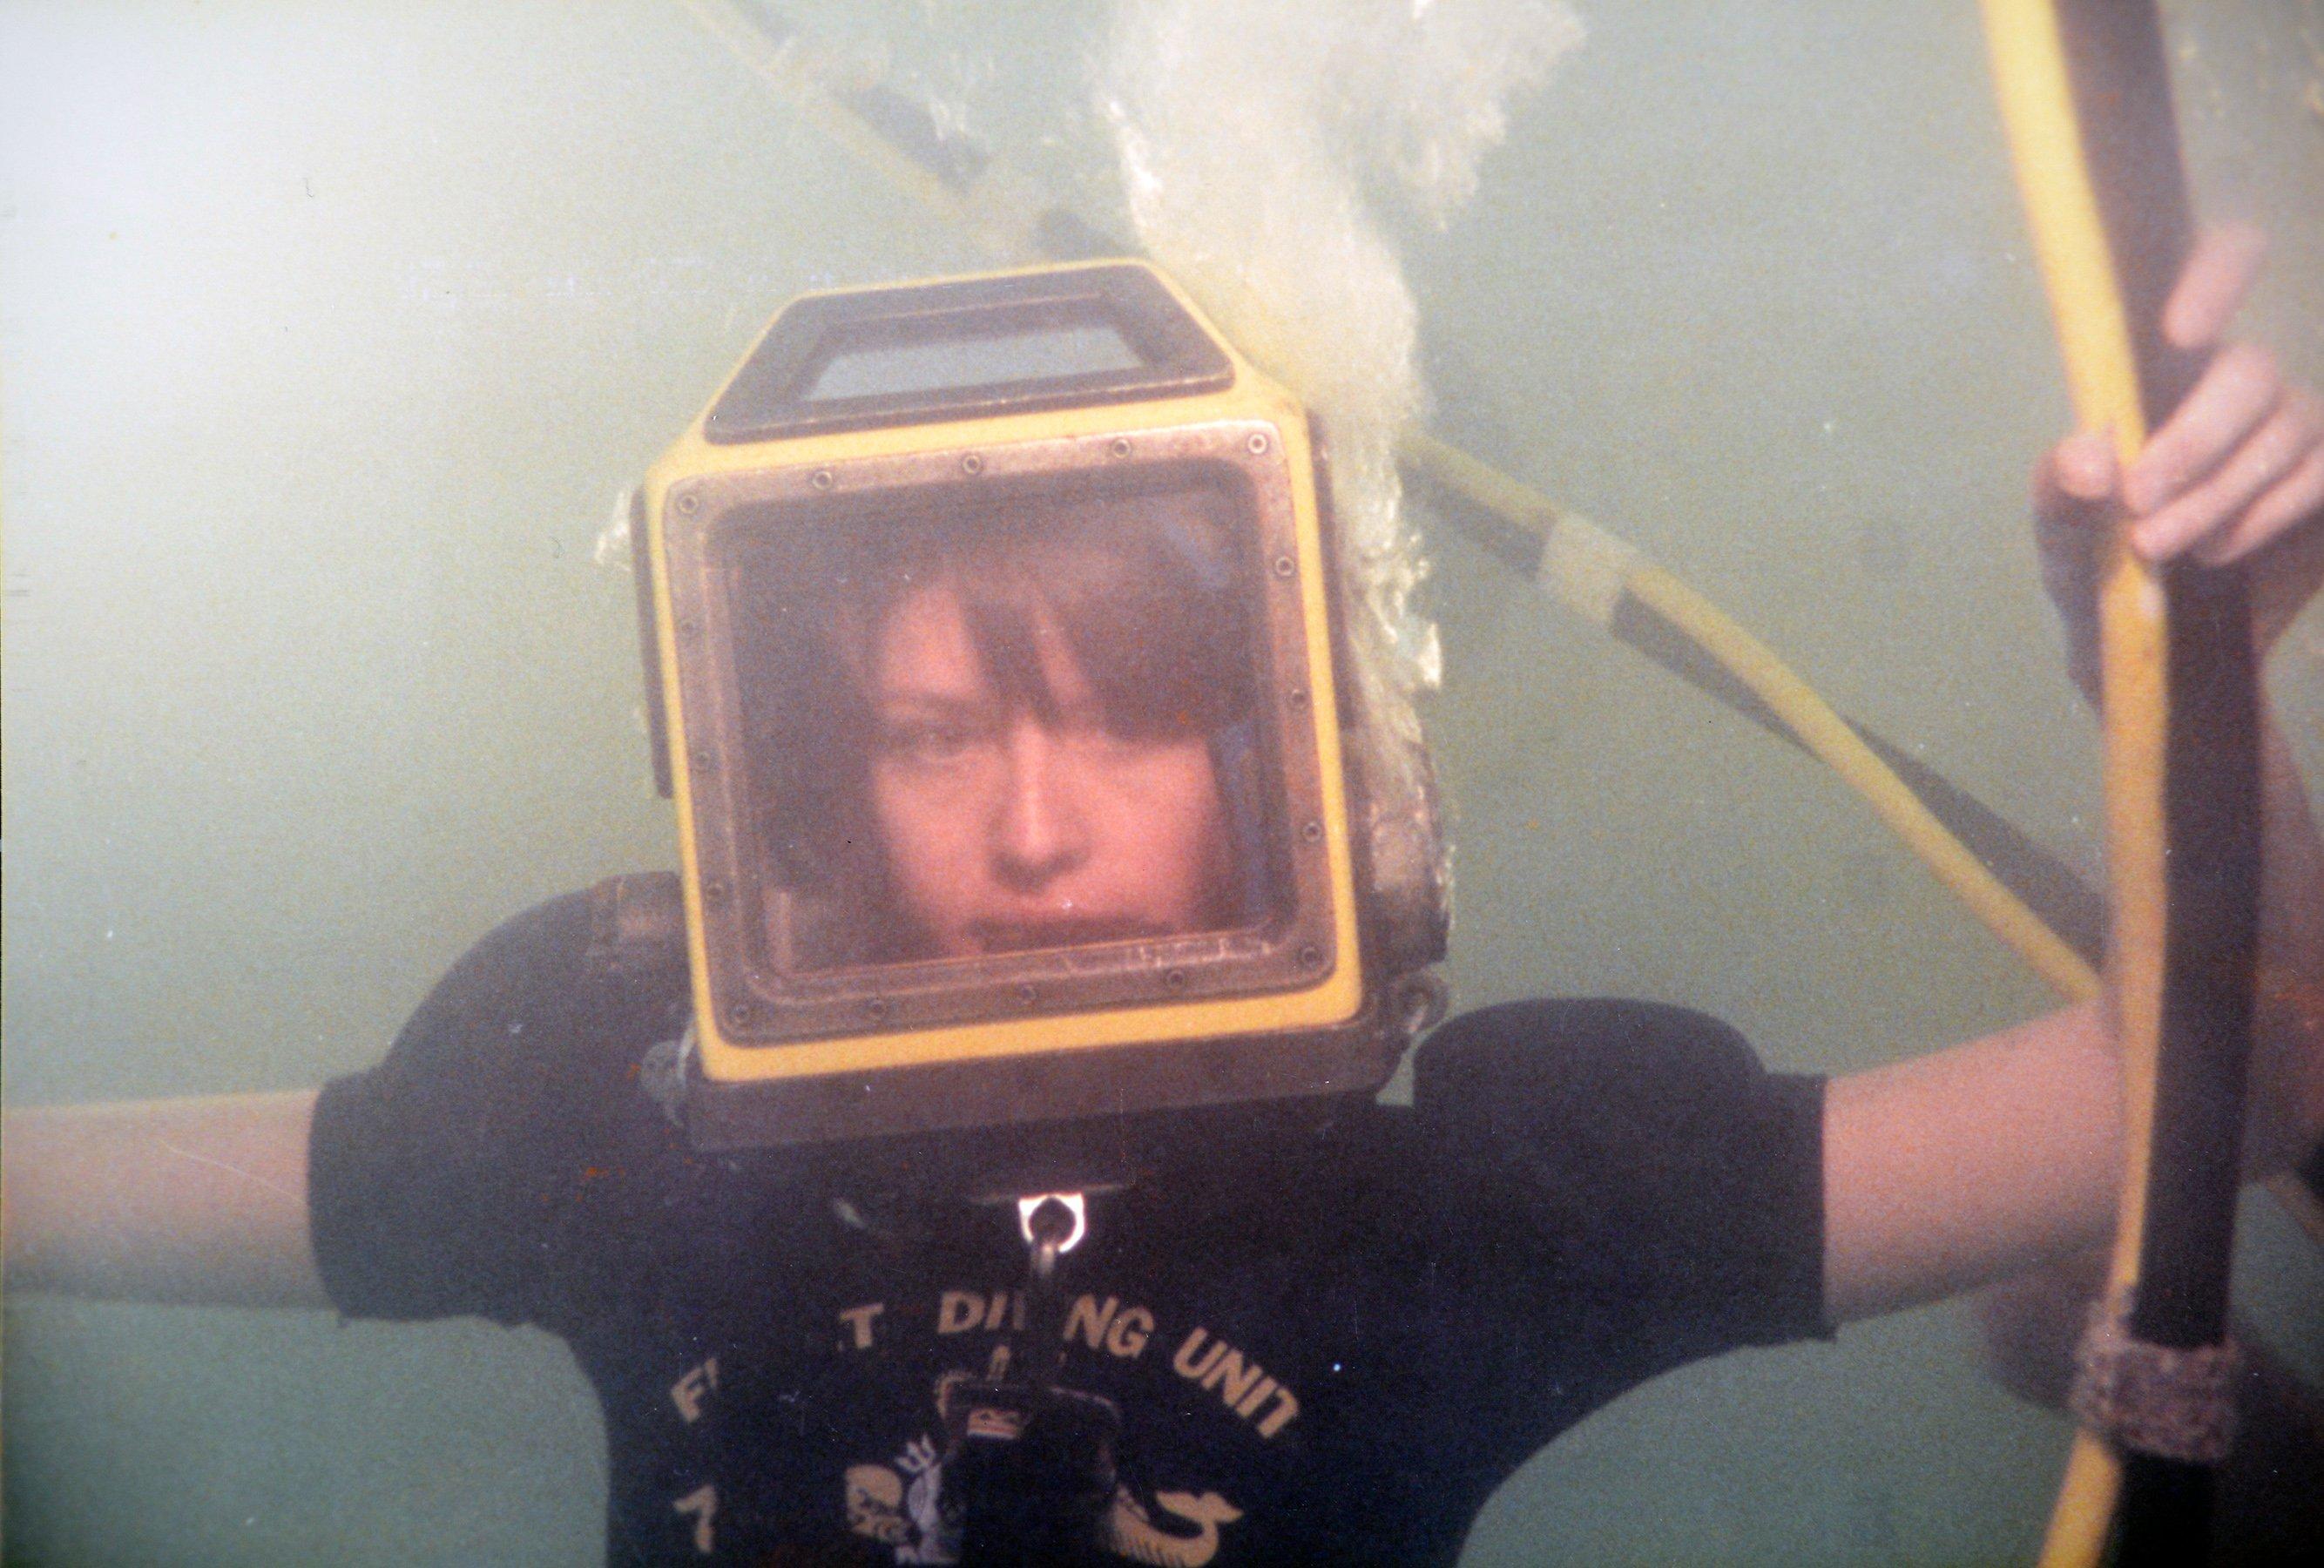 کوونی در سال 1983 کلاه ایمنی غواصی جدیدی را امتحان کرد.  او یکی از اولین زنانی بود که در یک کشتی نیروی دریایی مستقر شد. (عکس با مجوز از لین Coveney)